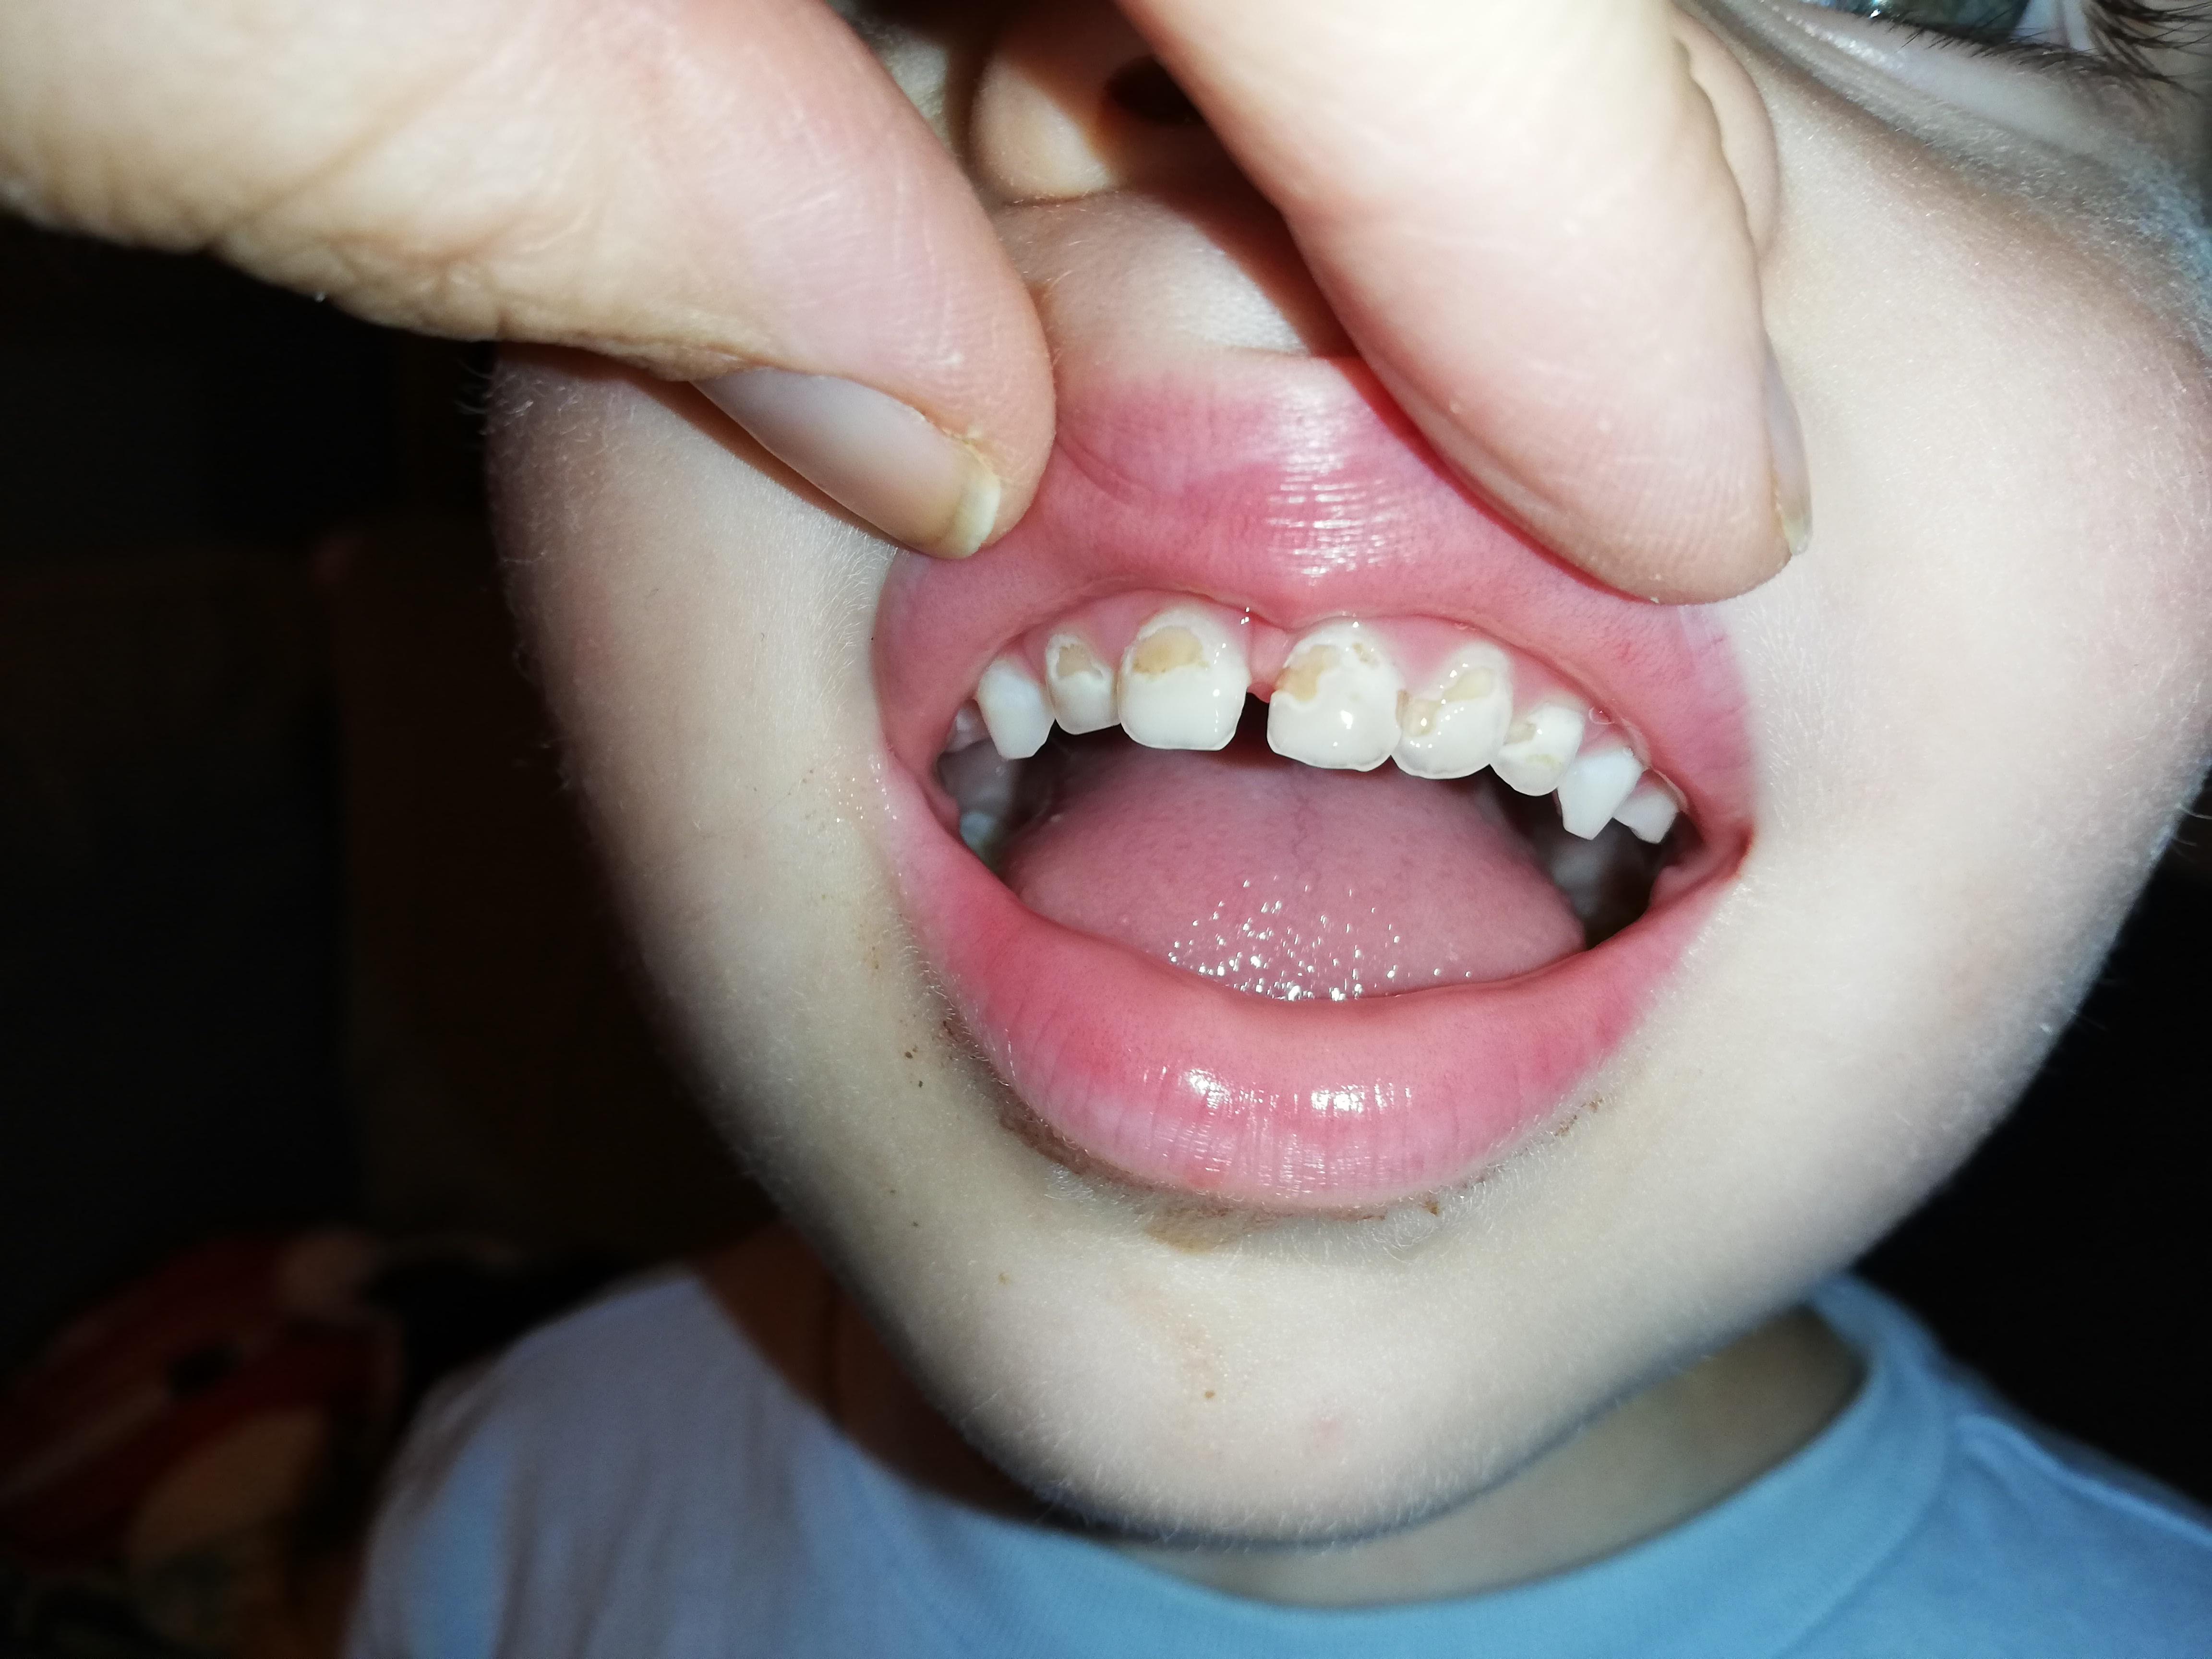 Mio figlio di 3 anni e mezzo presenta da qualche settimana delle macchie sui denti superiori